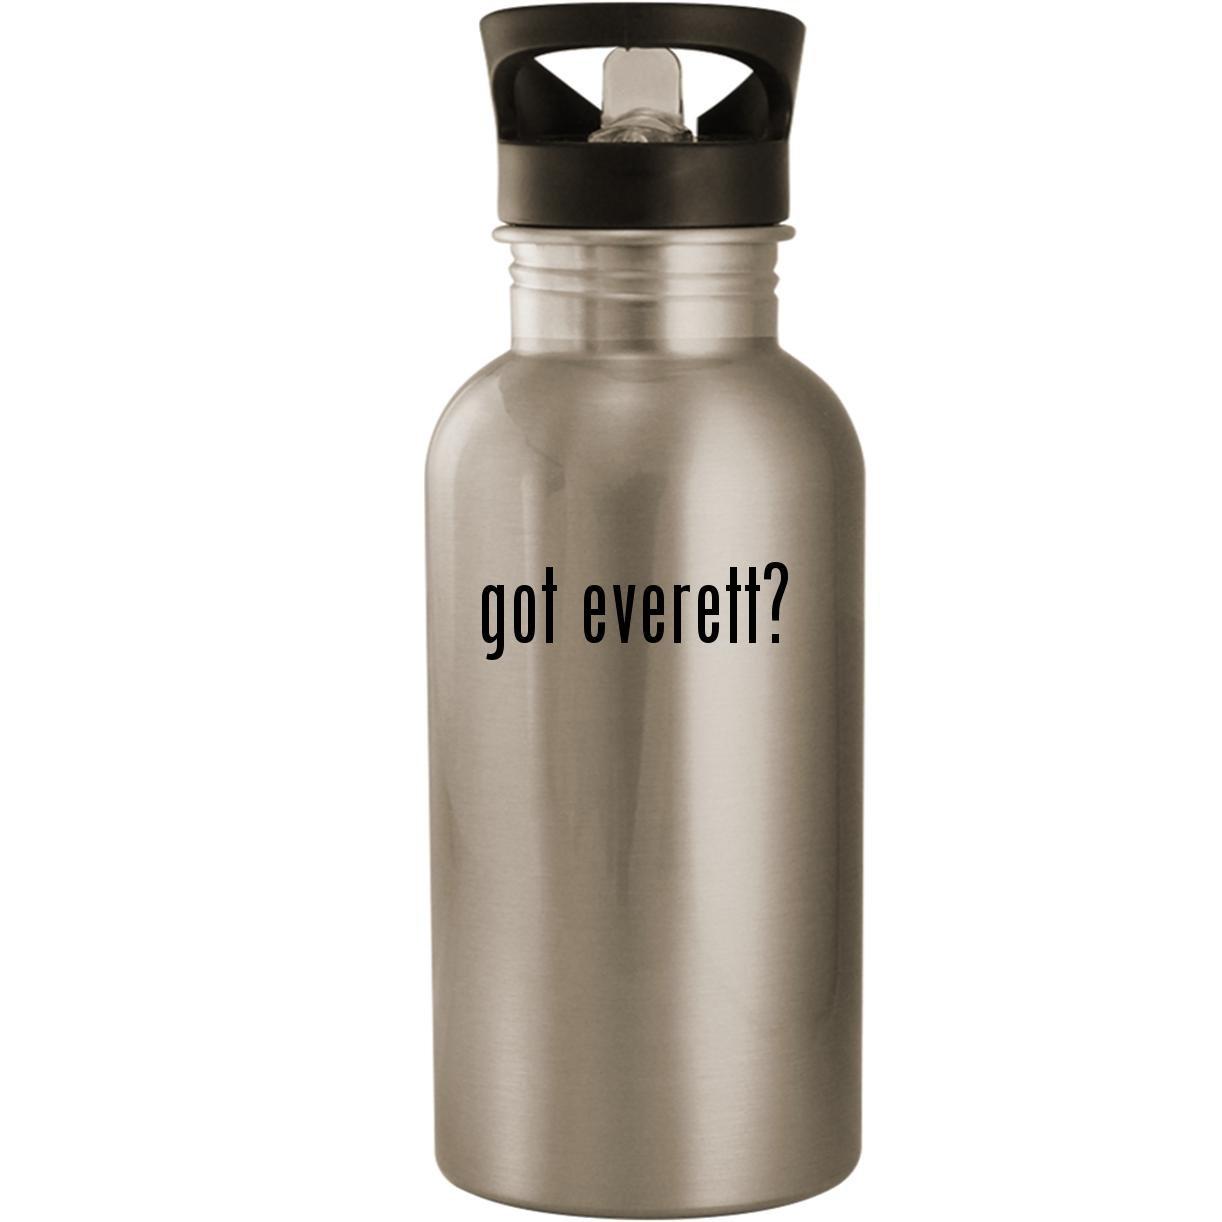 Got Everett  – ステンレススチール20oz Road Ready水ボトル シルバー US-C-07-18-01-071474-04-26-18-26 B07FMM2X7H  シルバー